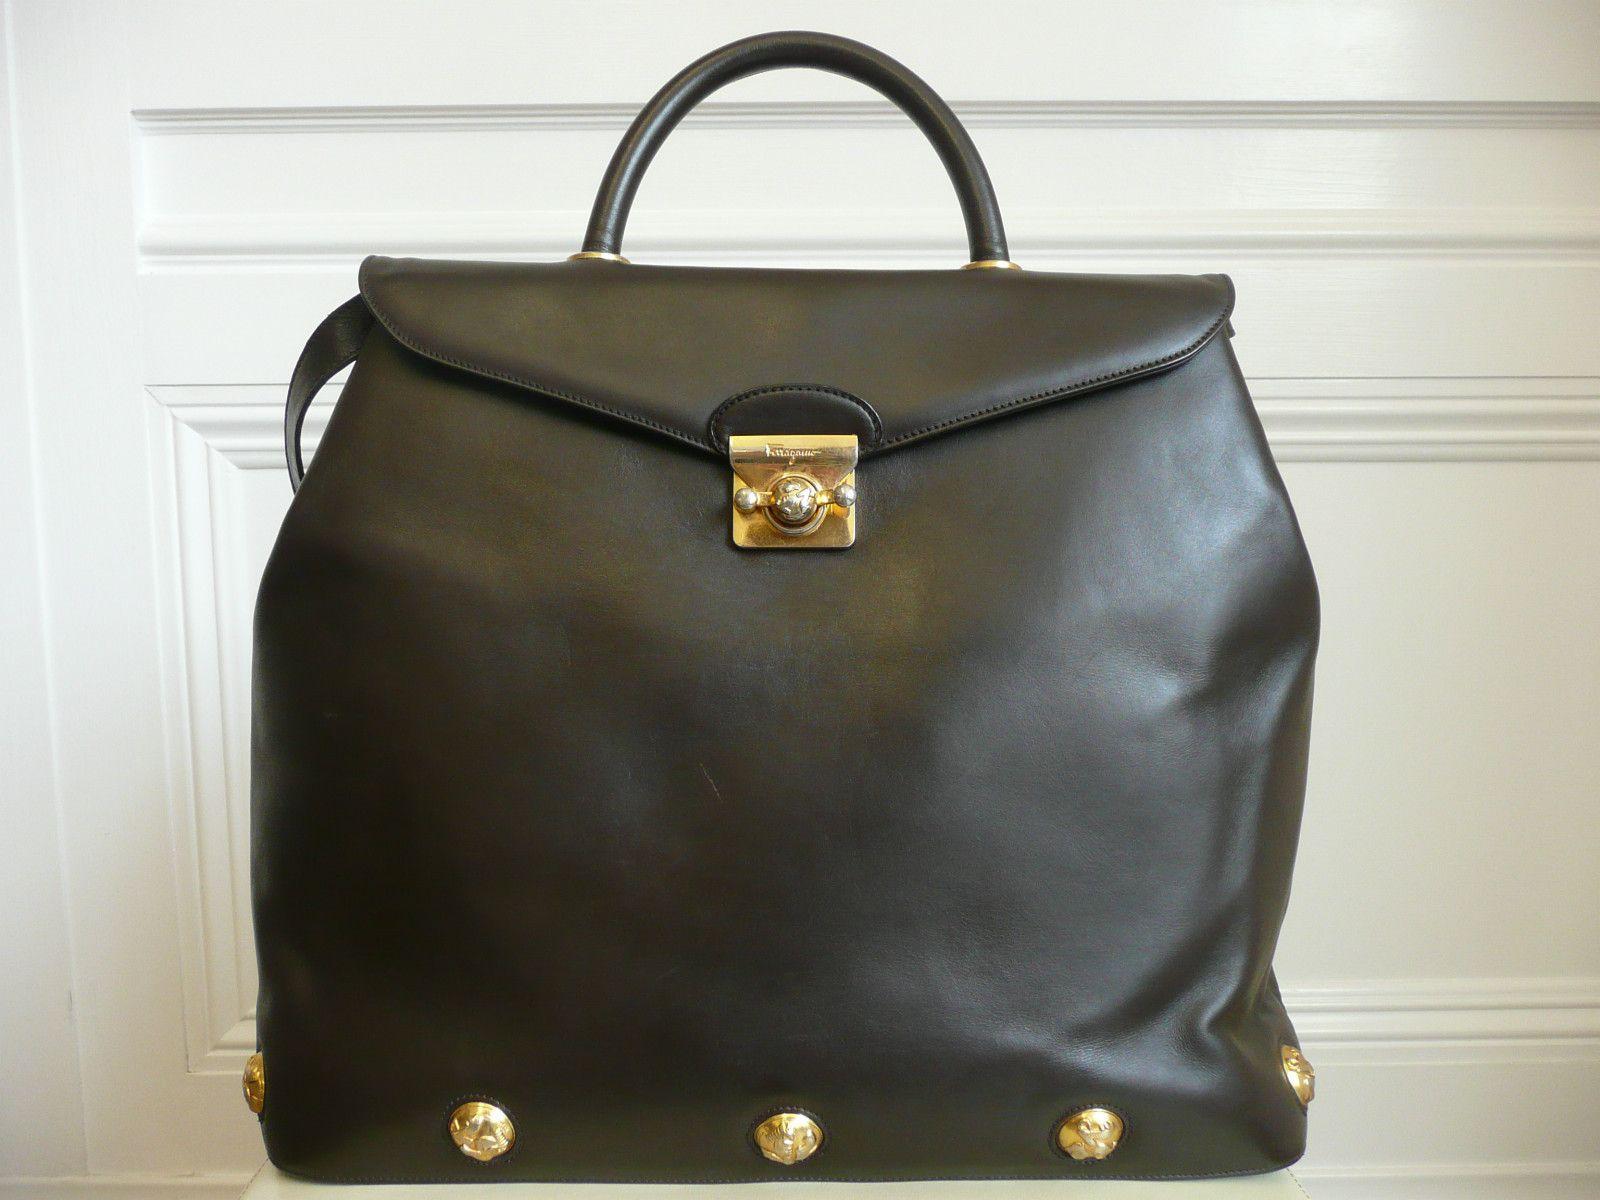 ba4a3e4684bf Vintage 1960 s SALVATORE FERRAGAMO Brown Leather Tote Bag